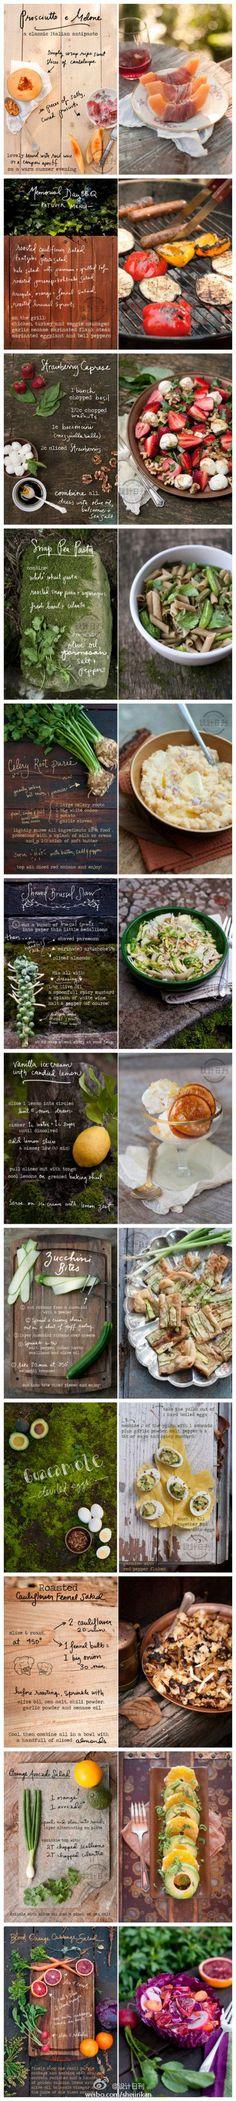 Erin กลีสันเปิดบล็อกที่เรียกว่า 'งานเลี้ยงป่า', ภาพอาหารที่เธอเป็นภาพพื้นหลัง, สูตรเขียนด้วยลายมือบน  สูตรเหล่านี้ typesetting สง่างามมาก  ( | https://lomejordelaweb.es/